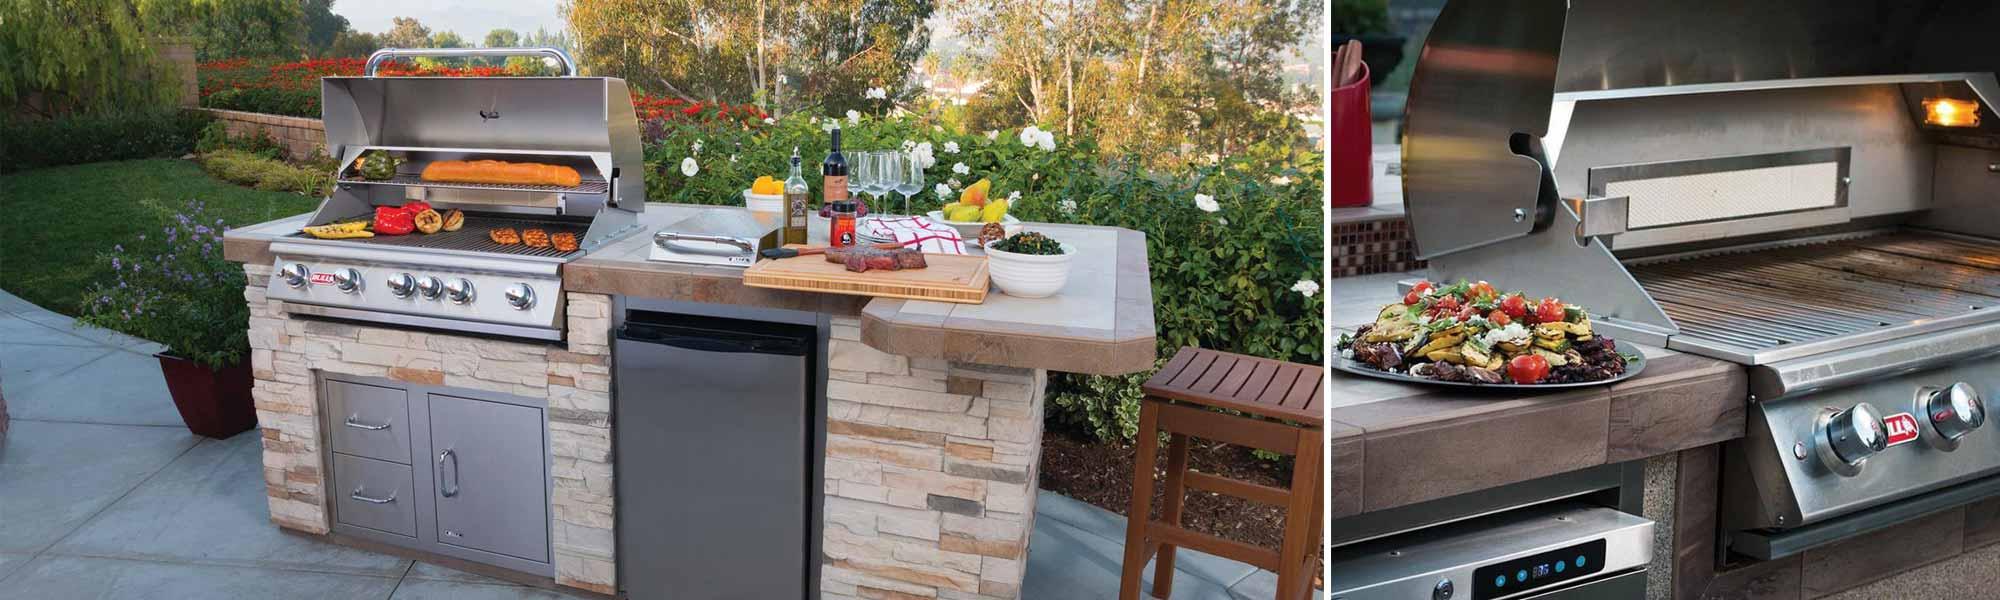 Grills/Outdoor Kitchen